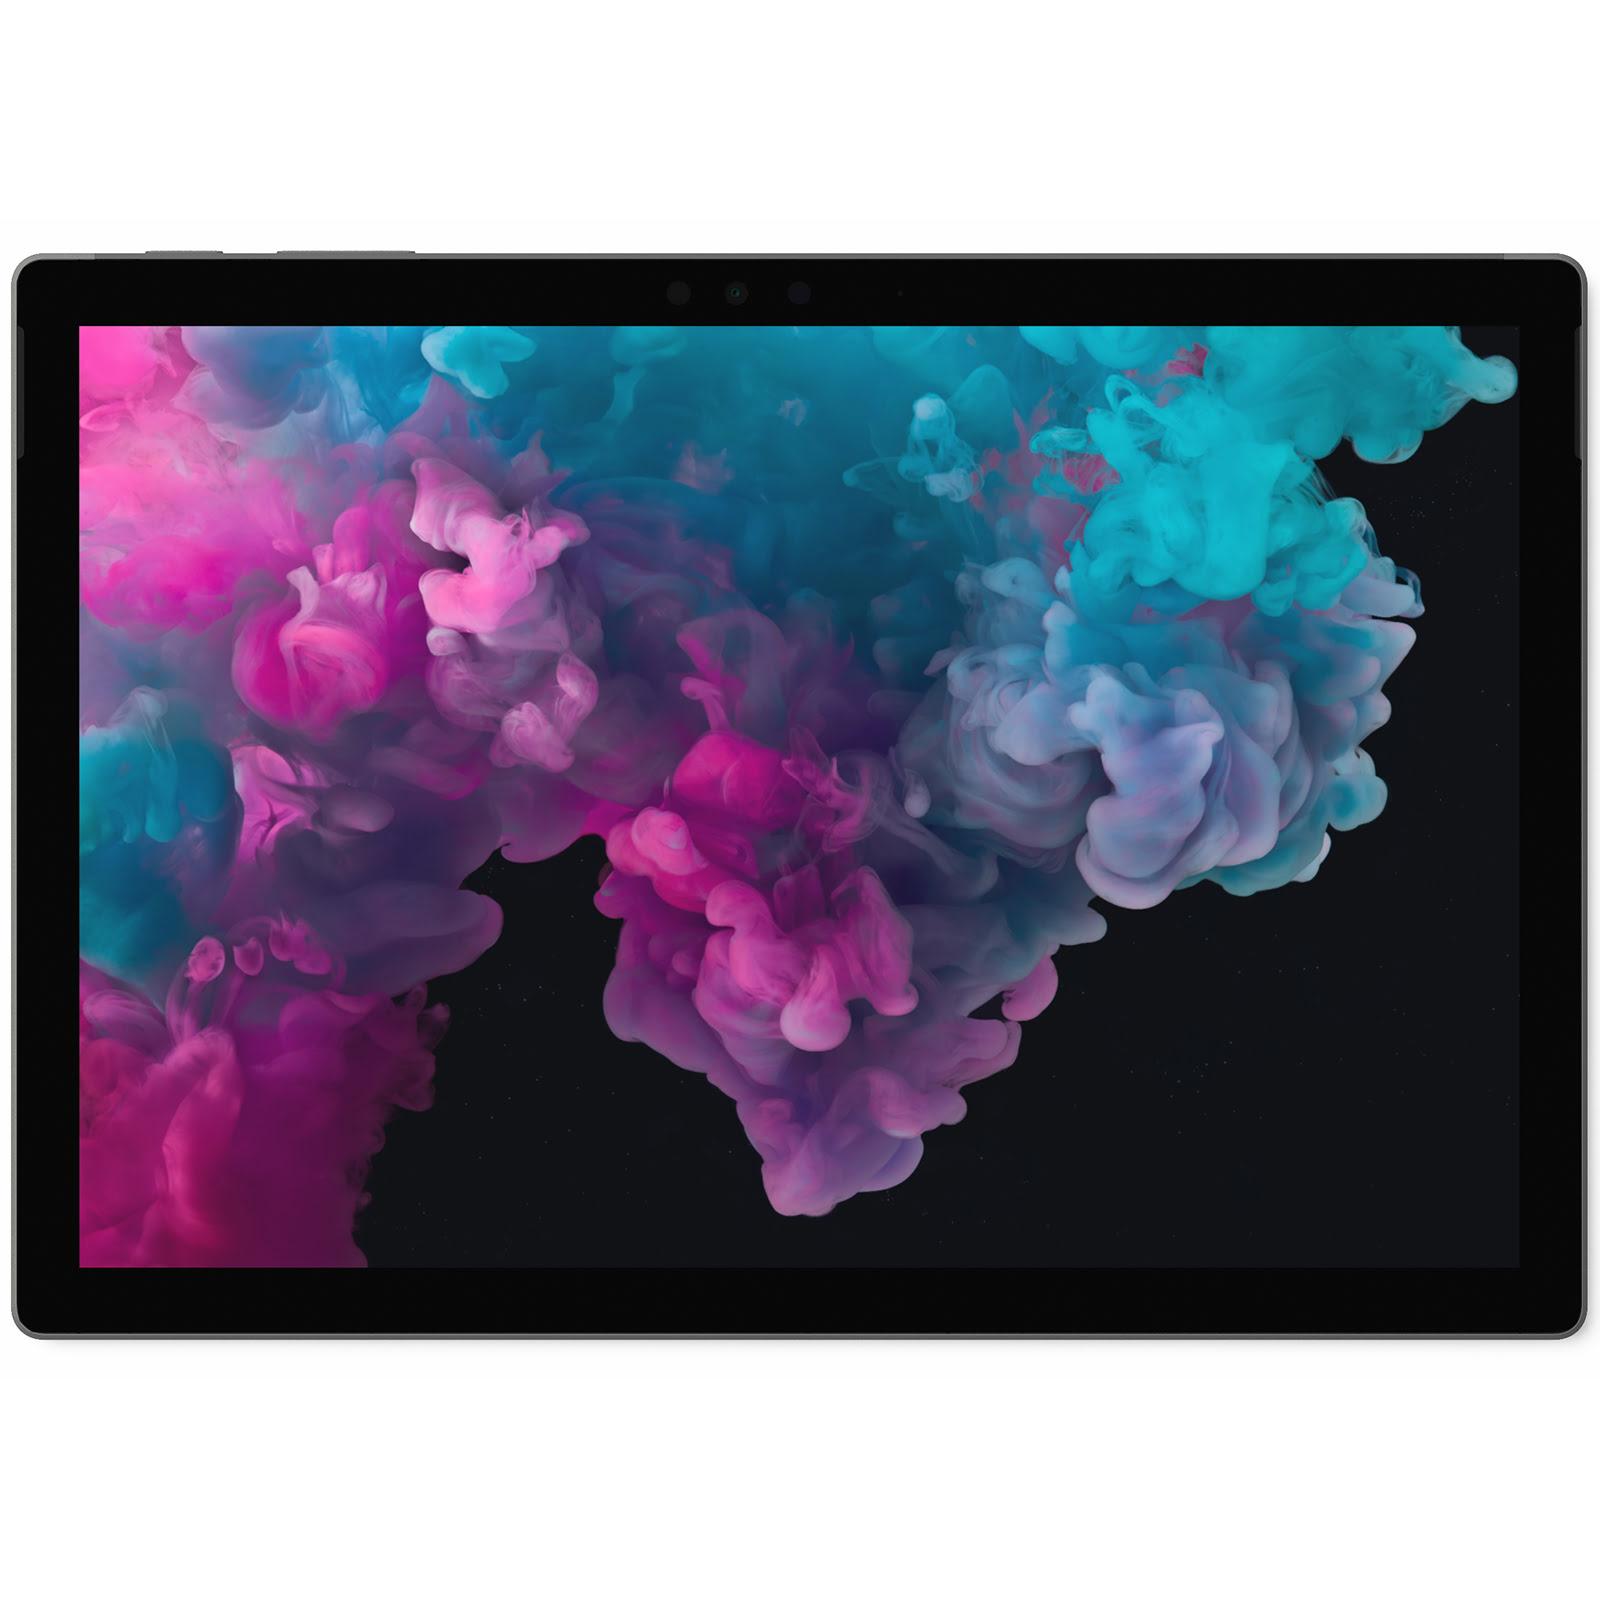 Surface Pro 6 LPZ-00003 -i5-8350/8G/128G/12.3/10P